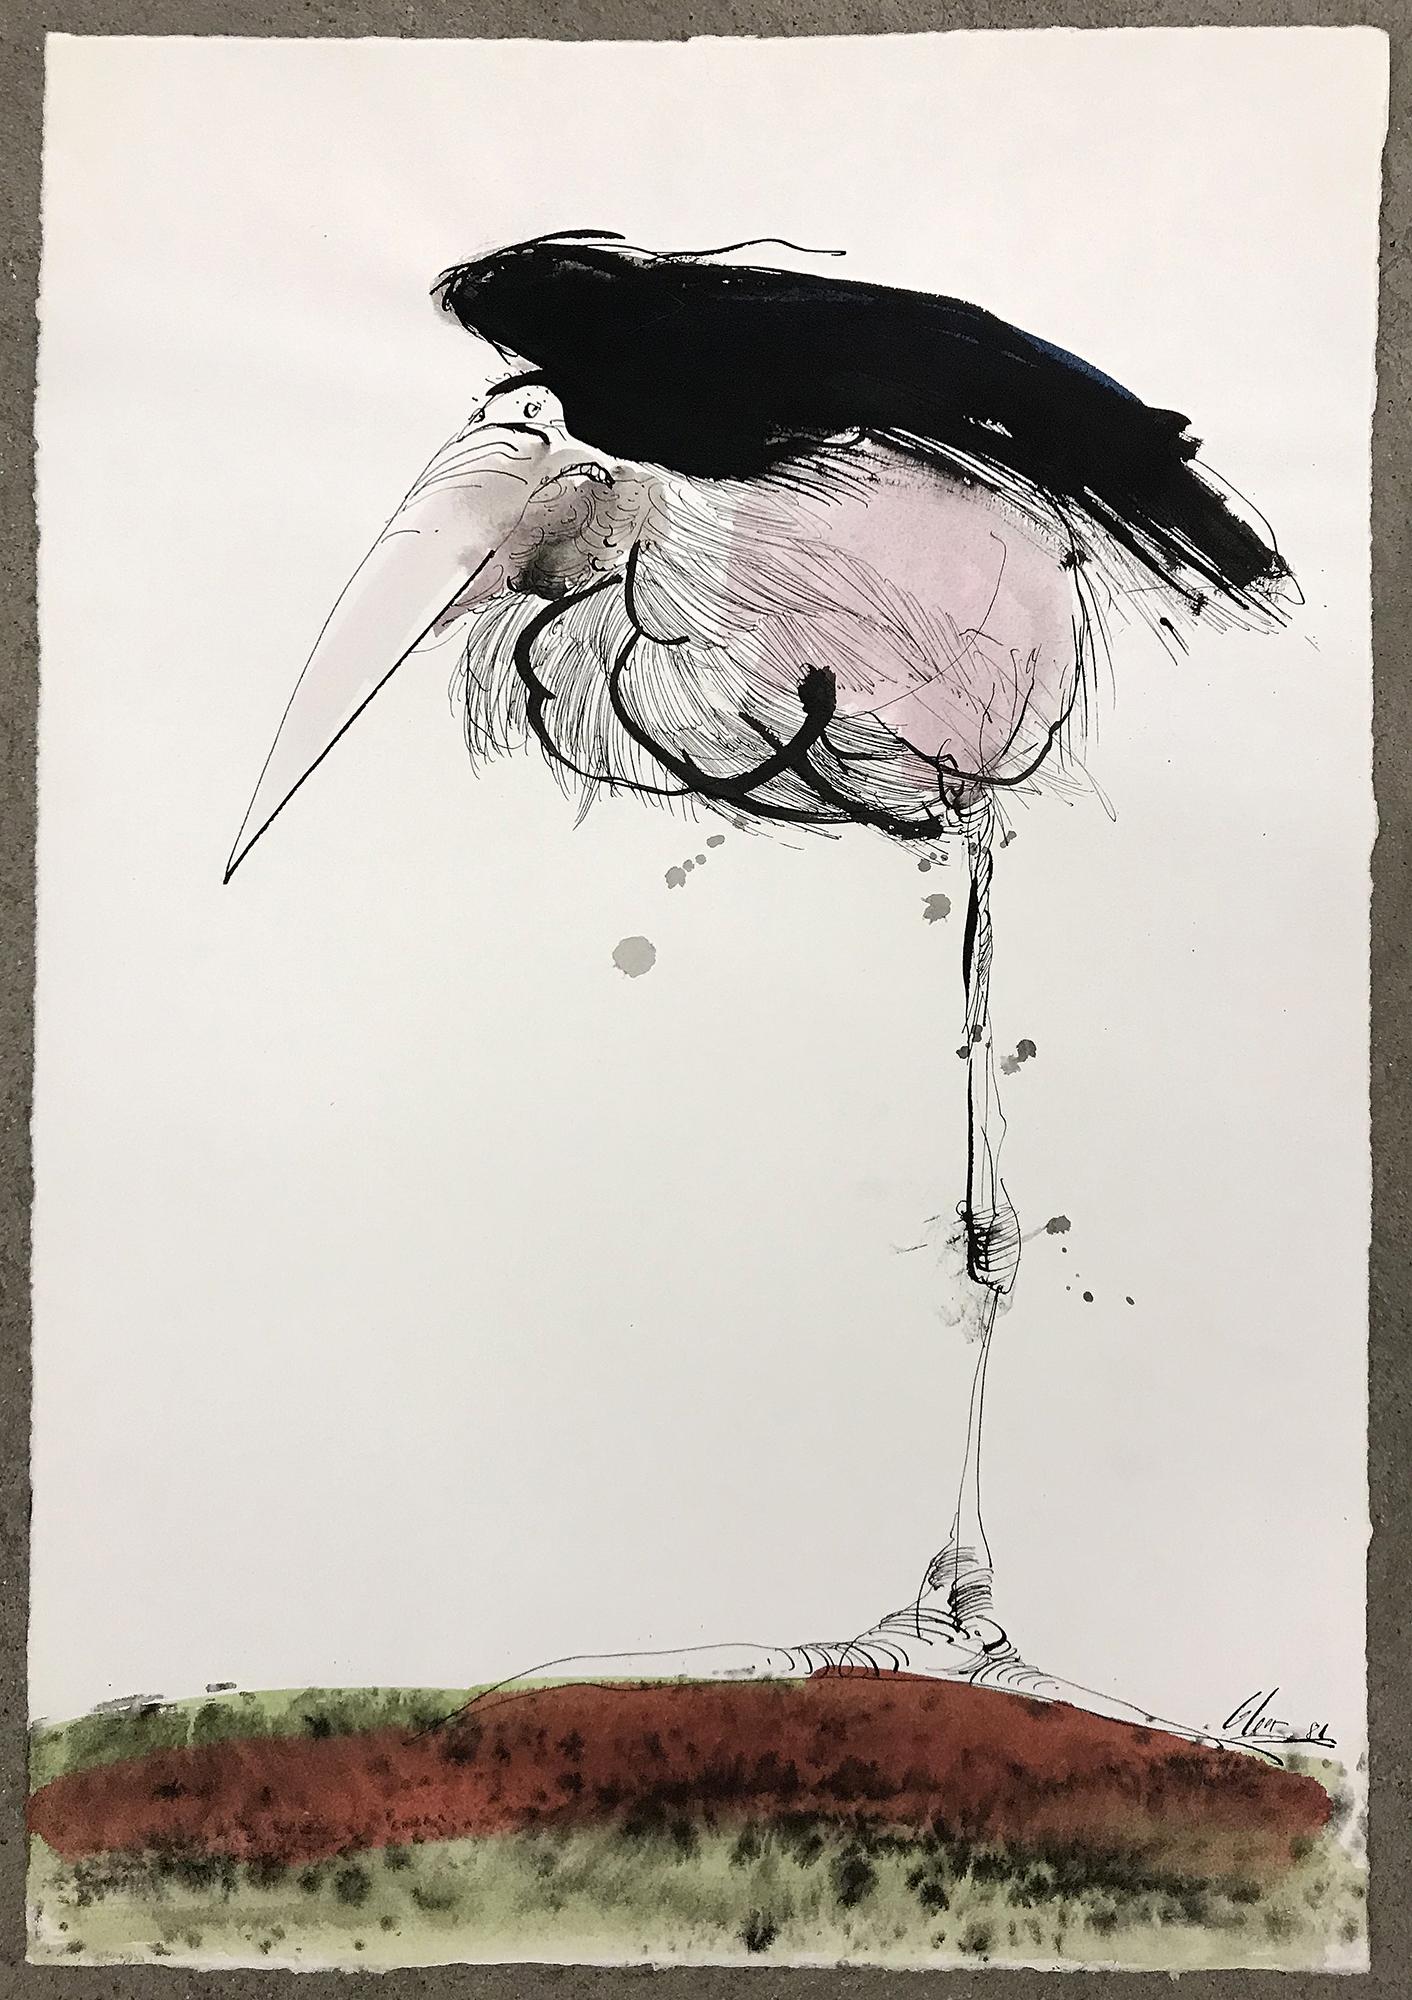 Marabu, 1986, Tusche auf Büttenpapier, 32 x 45 cm, ohne Rahmen